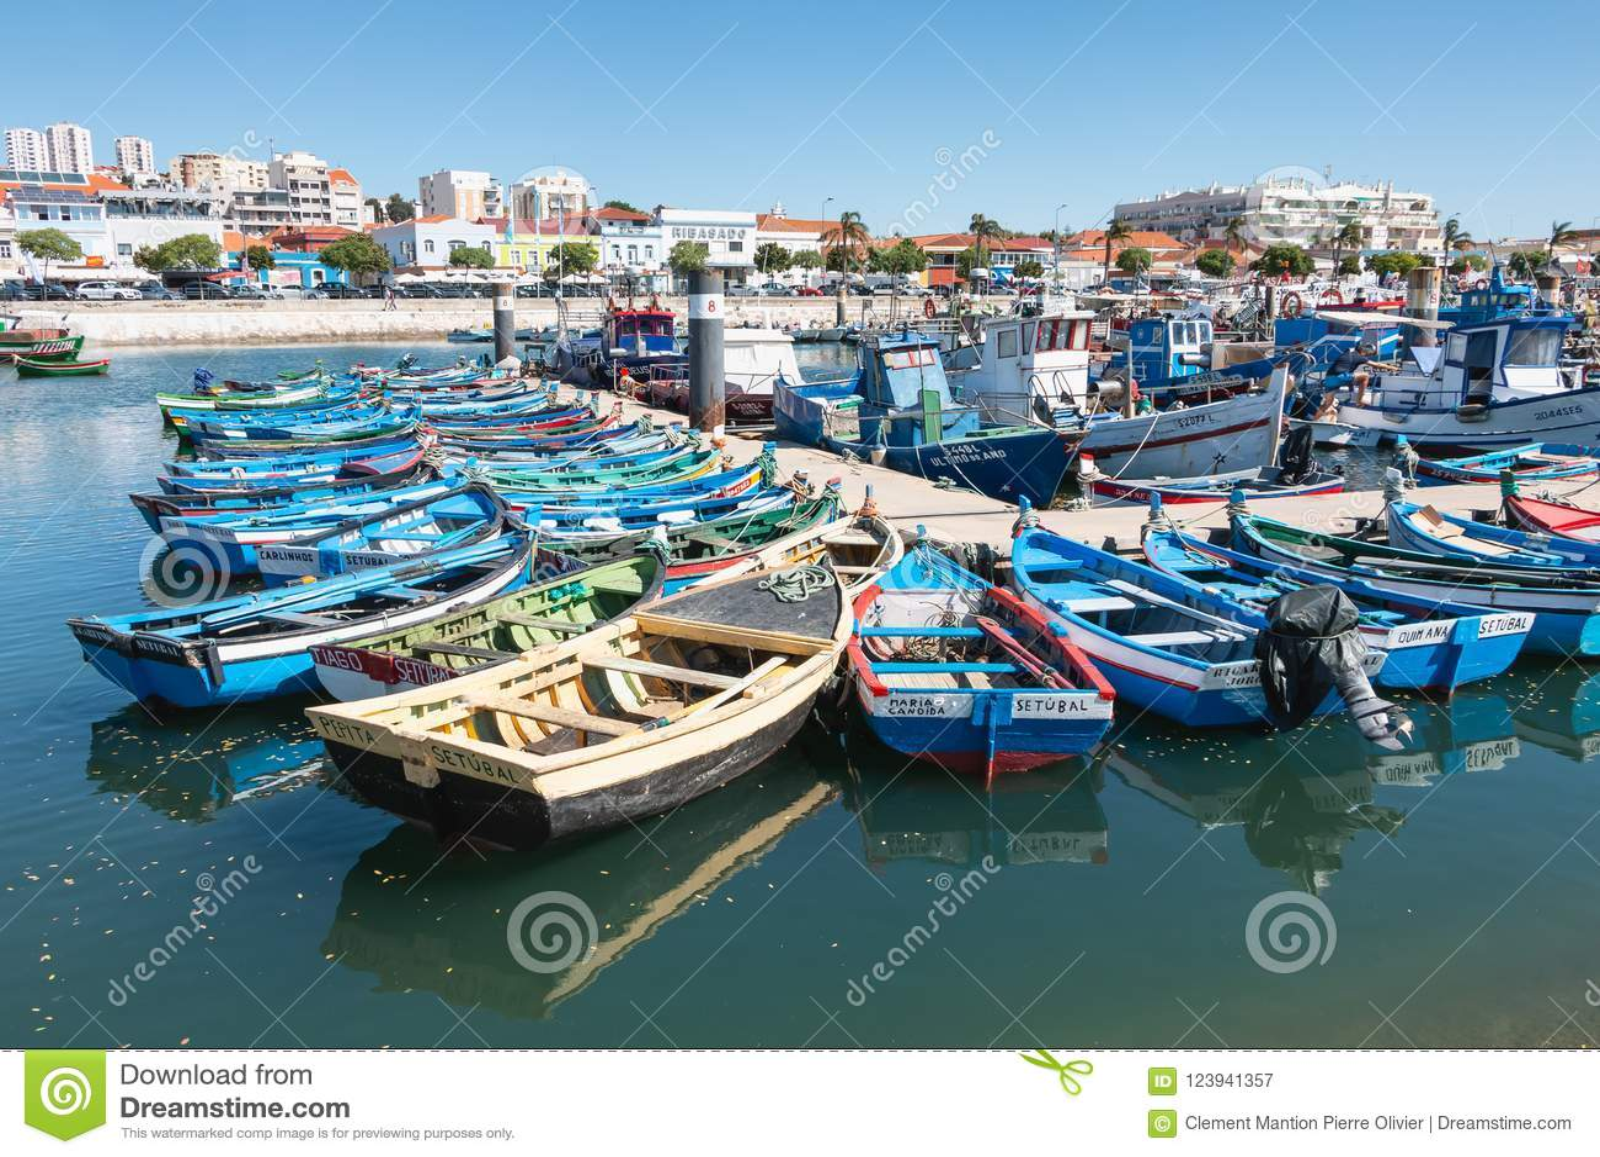 Vista do porto de pesca pequeno de Setubal com seu azul típico